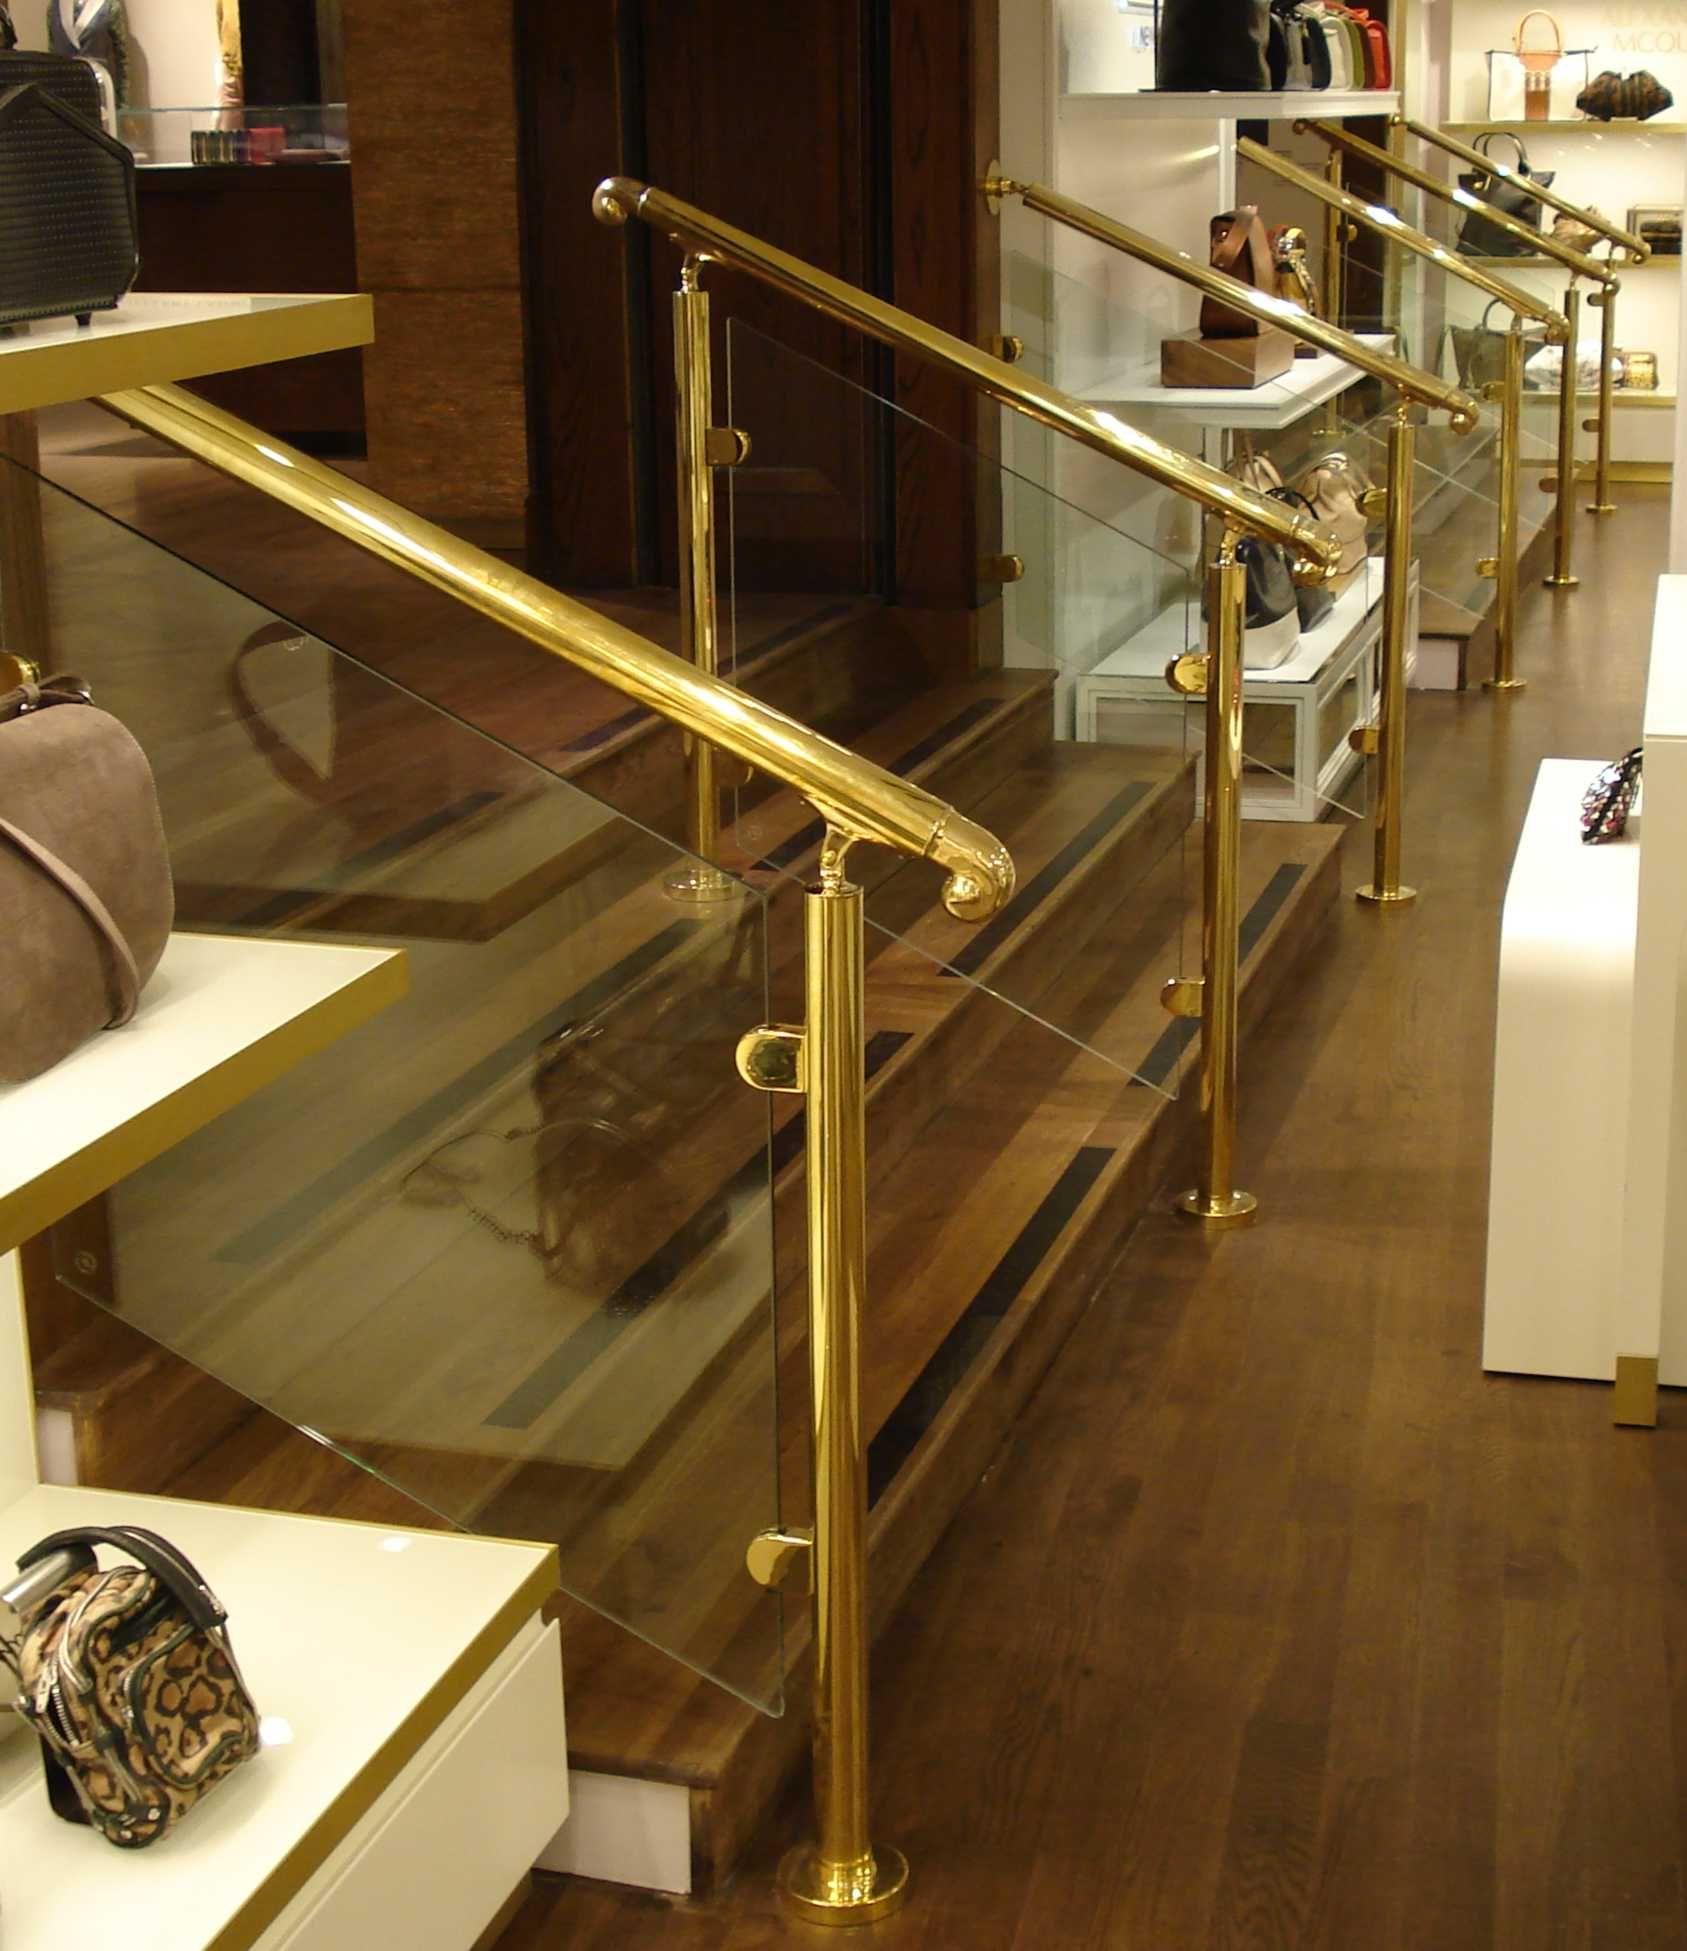 Citadel Brass Handrail and Balustrade System Handrails